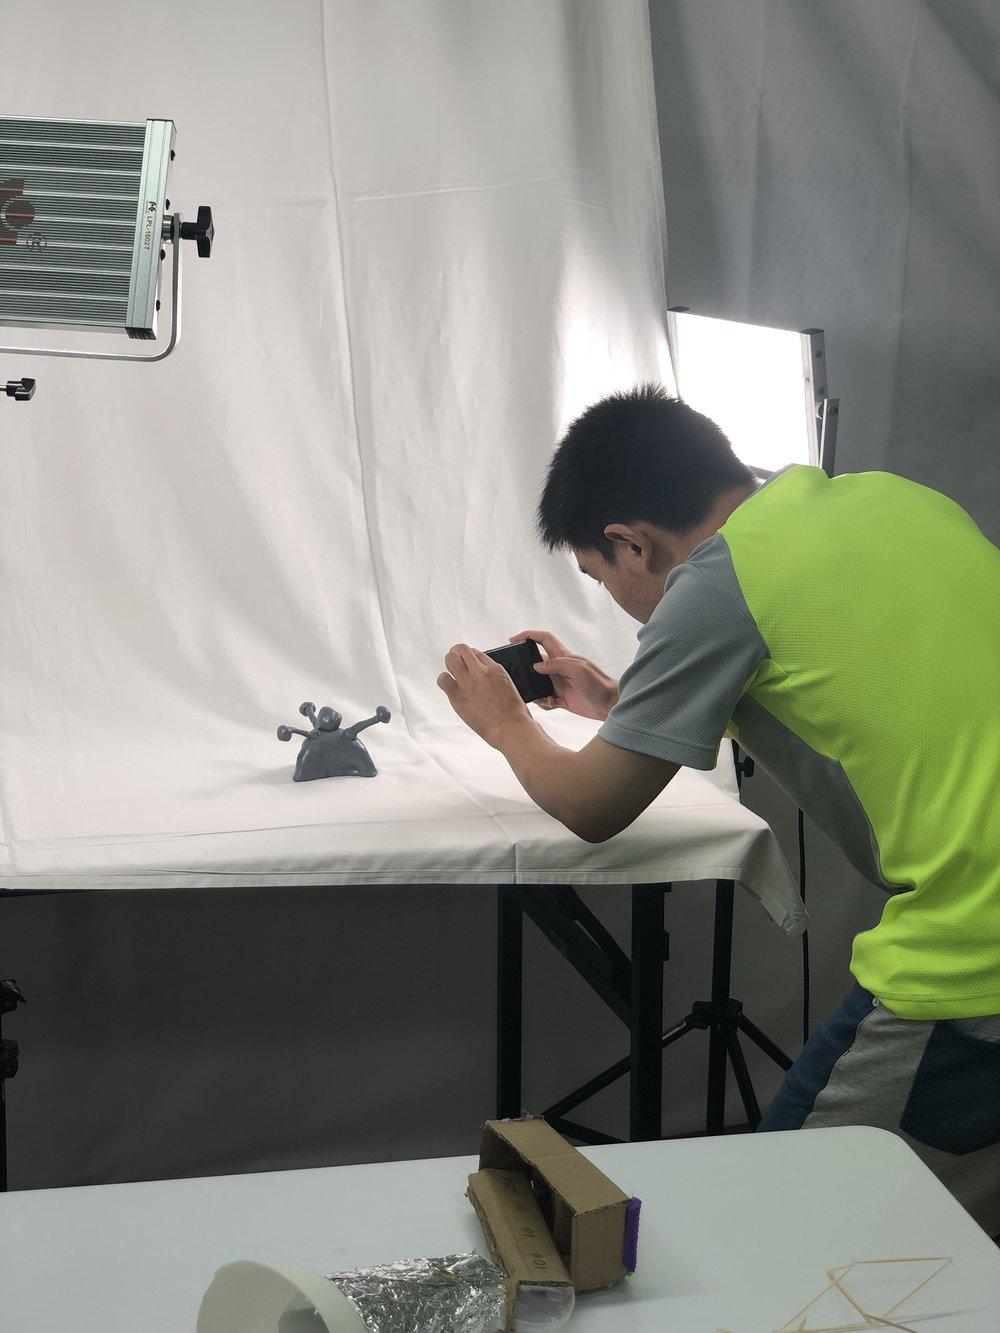 Pop-up photo studio